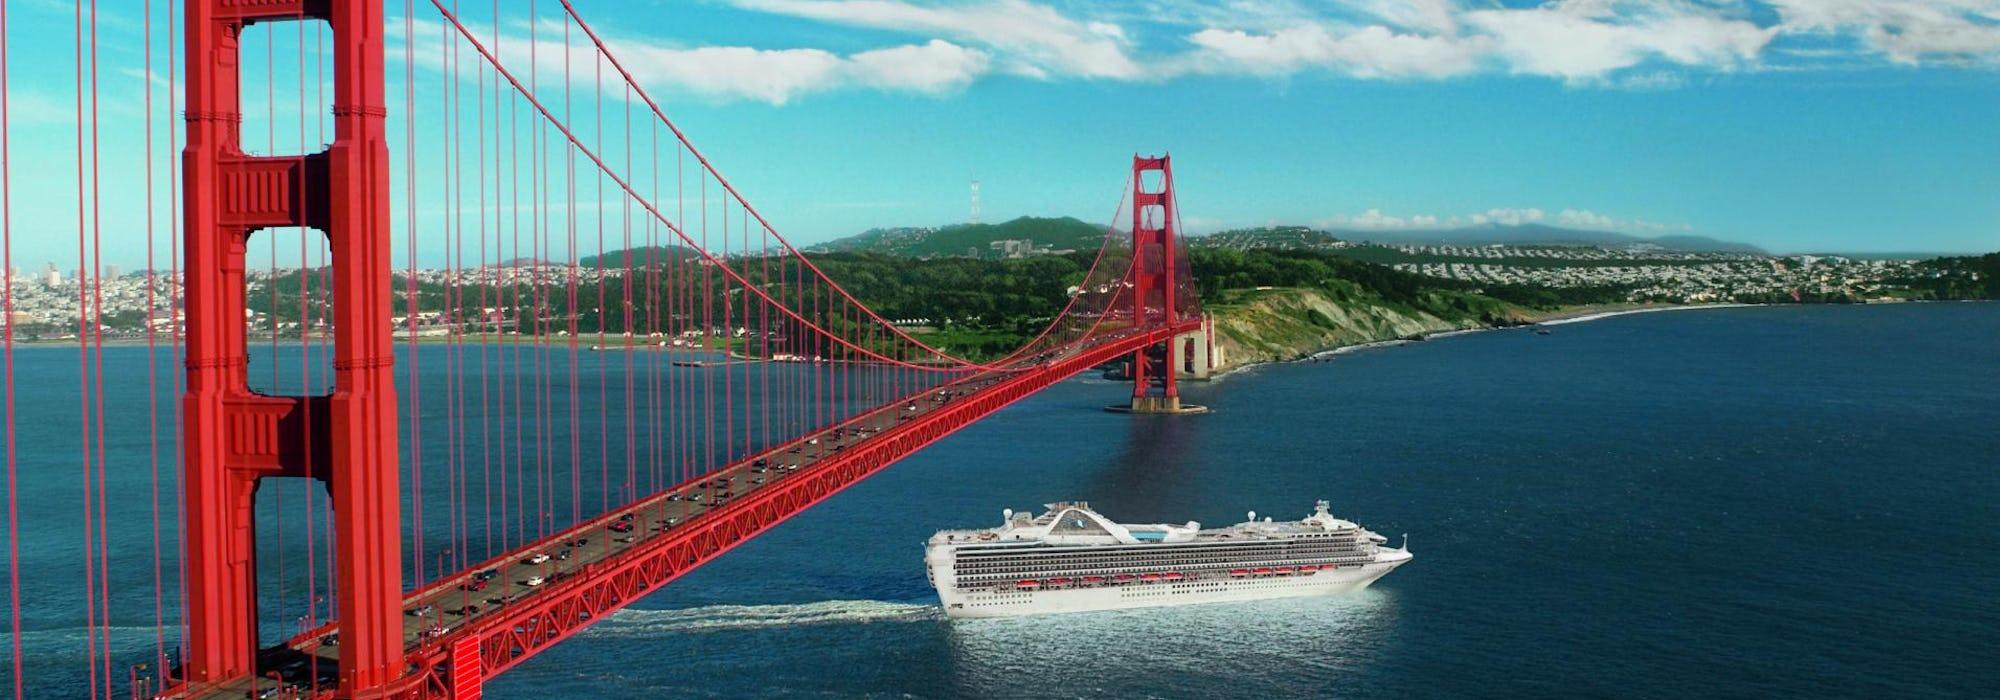 Fartyget Grand Princess kryssar under den ikoniska och röda Golden Gate-bron i San Francisco.